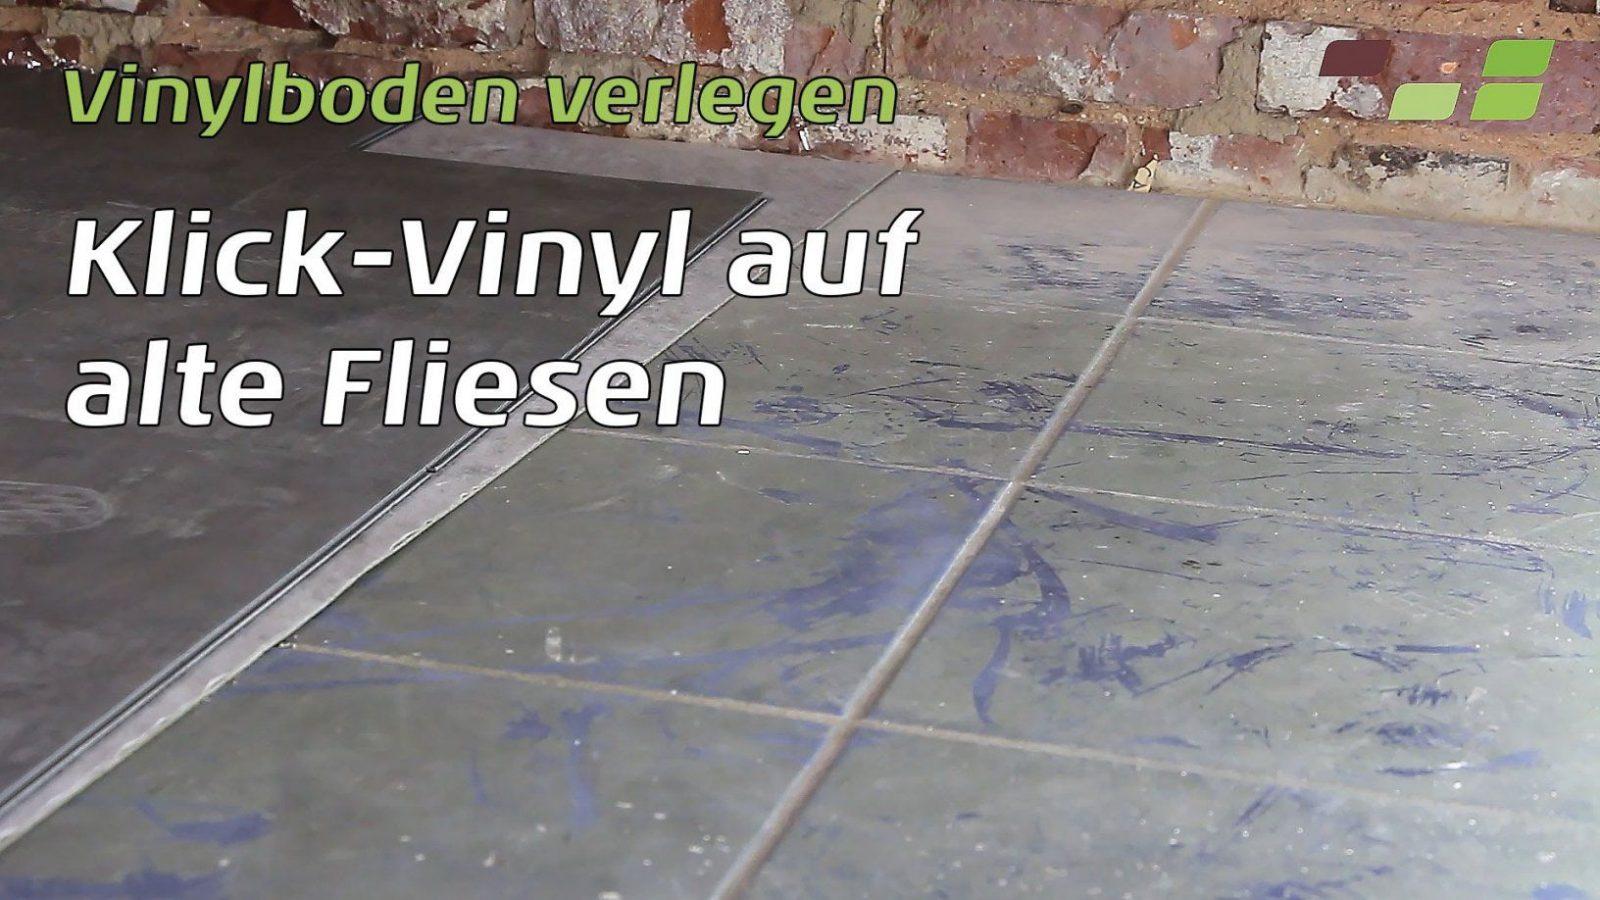 Vinylboden Auf Fliesen Verlegen Planeo Klickvinyl  Youtube von Klick Vinyl Auf Fliesen Verlegen Photo